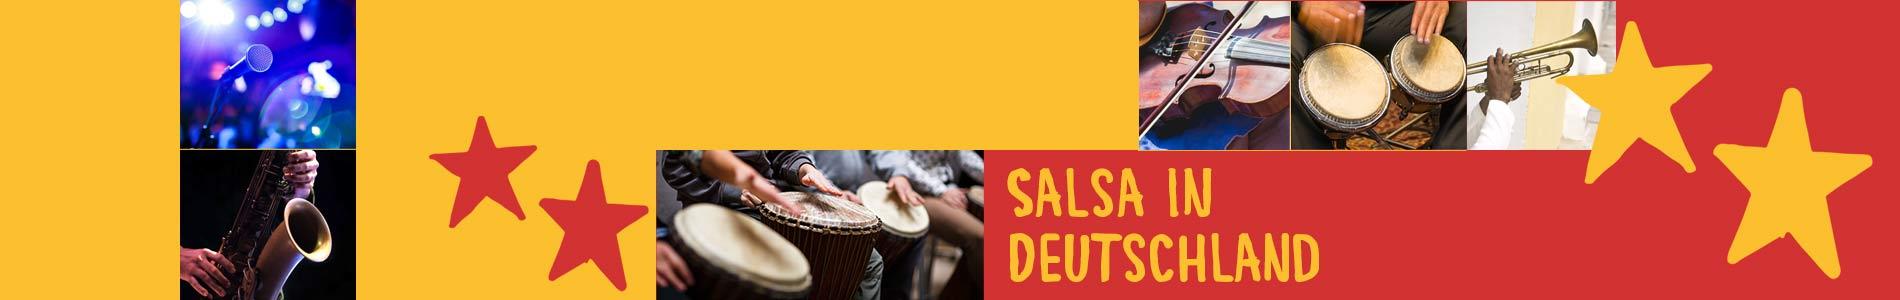 Salsa in Börnichen – Salsa lernen und tanzen, Tanzkurse, Partys, Veranstaltungen